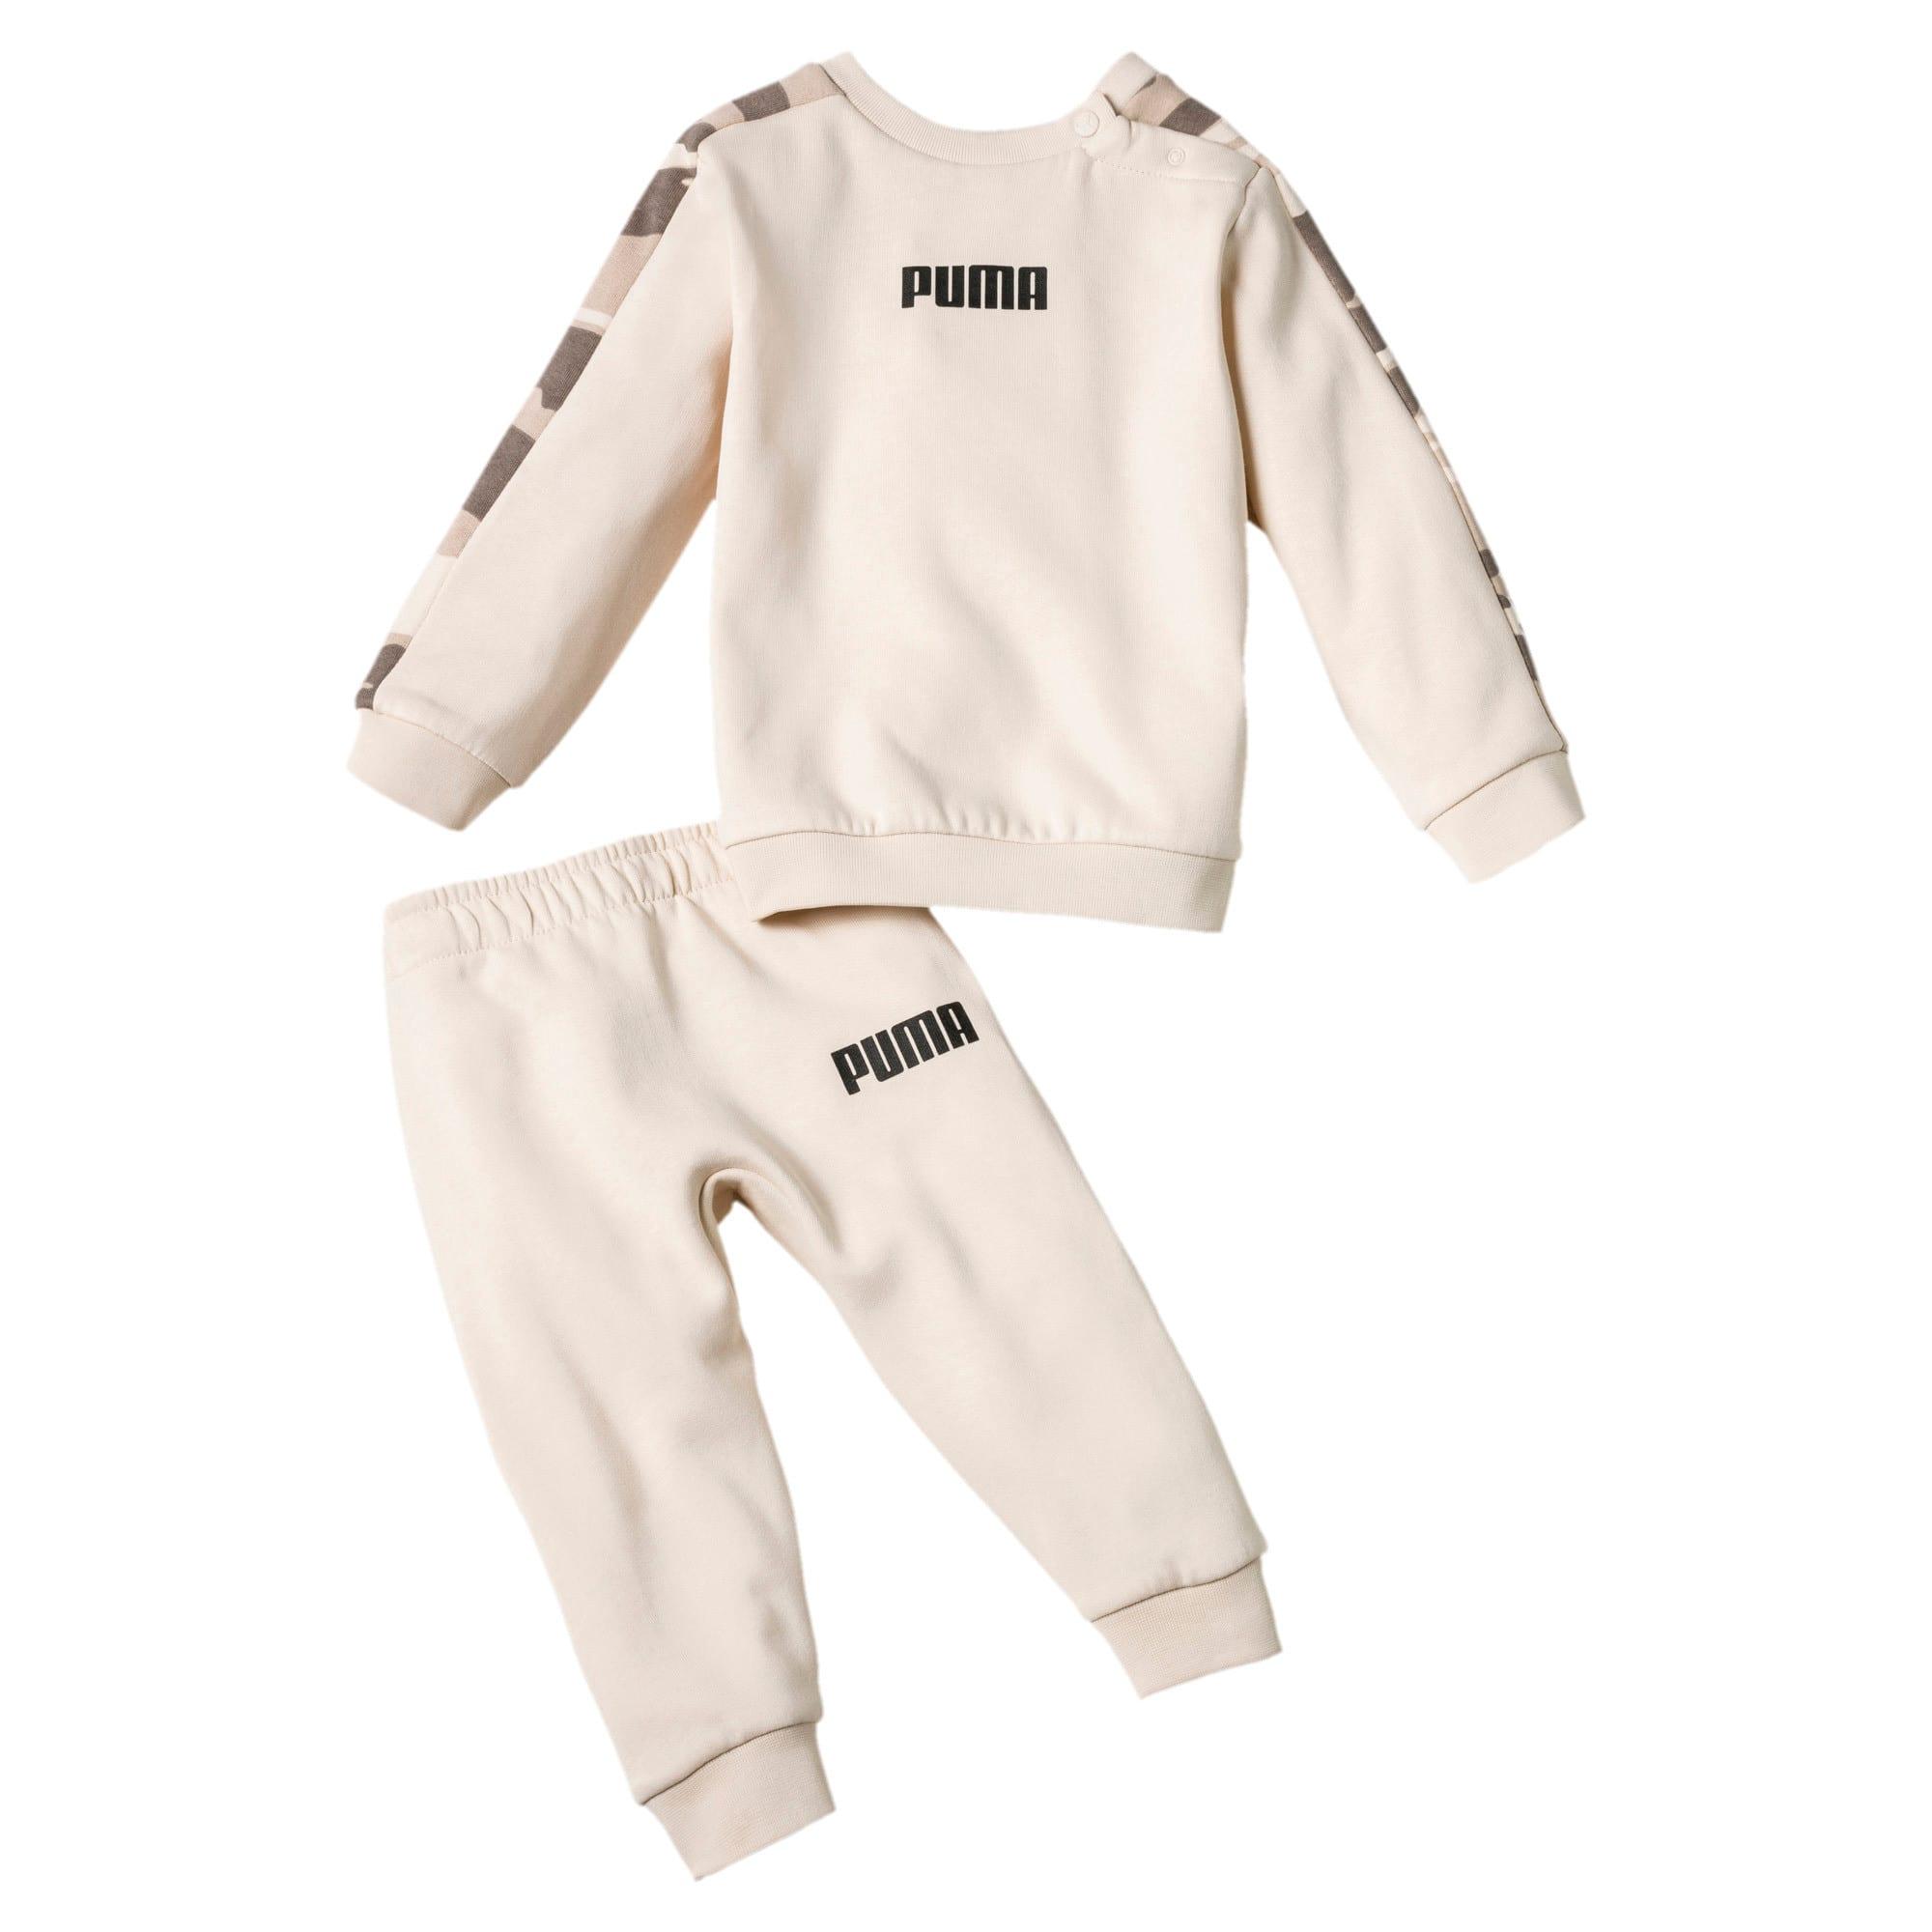 Thumbnail 1 of Street Wear T7 Babies Jogginganzug-Set, White Swan, medium